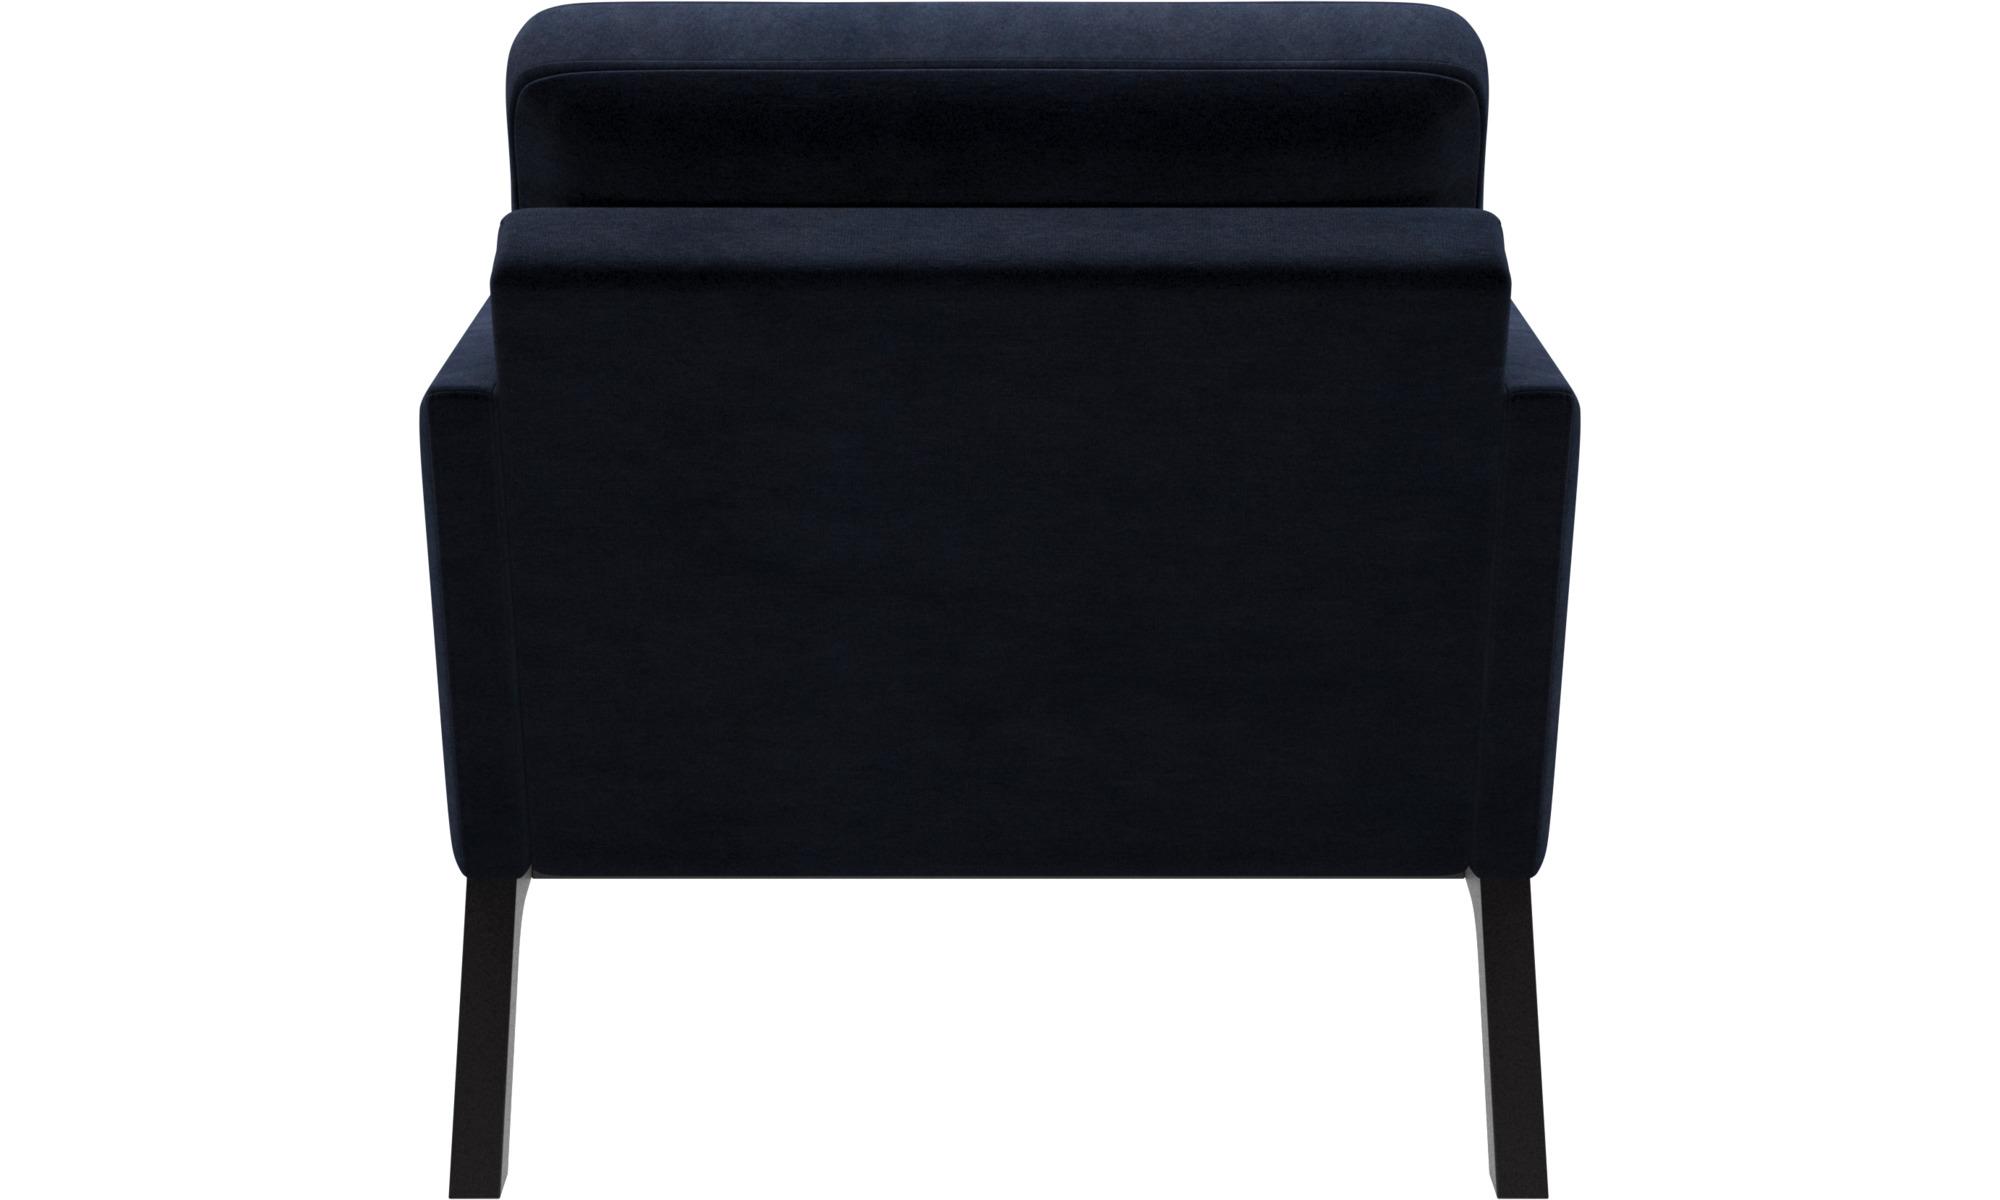 fauteuils fauteuil monte boconcept. Black Bedroom Furniture Sets. Home Design Ideas